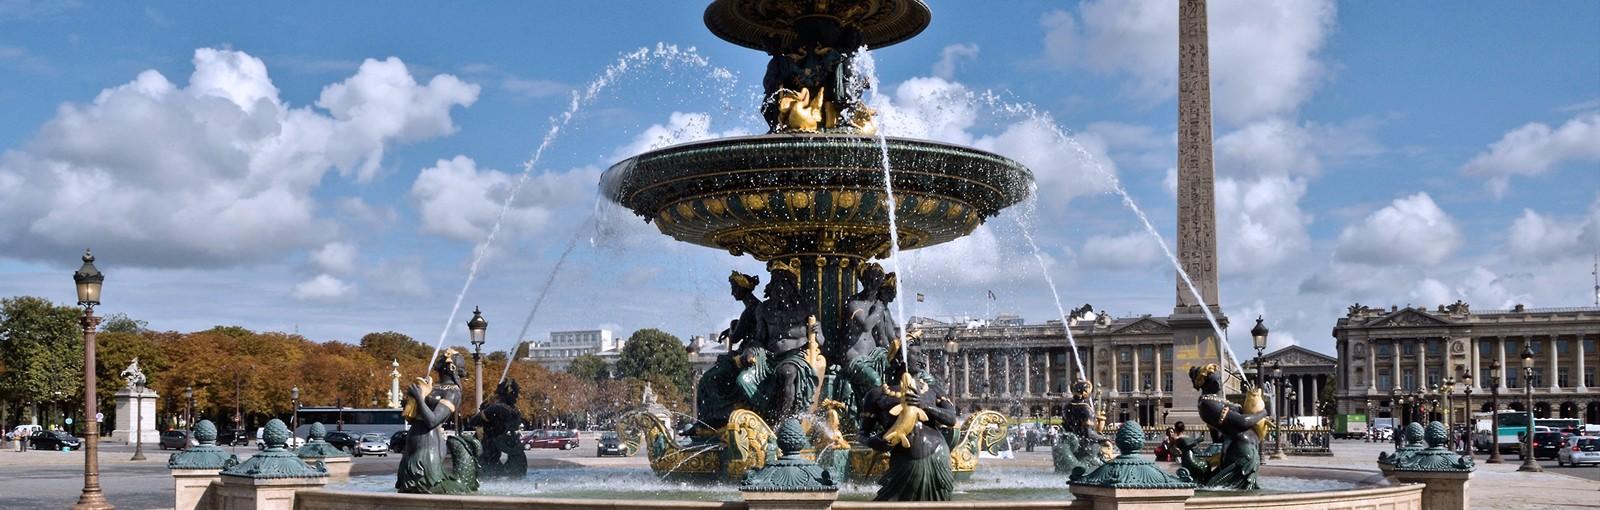 Tours Paris Highlights sightseeing tour - Sightseeing - Paris Tours